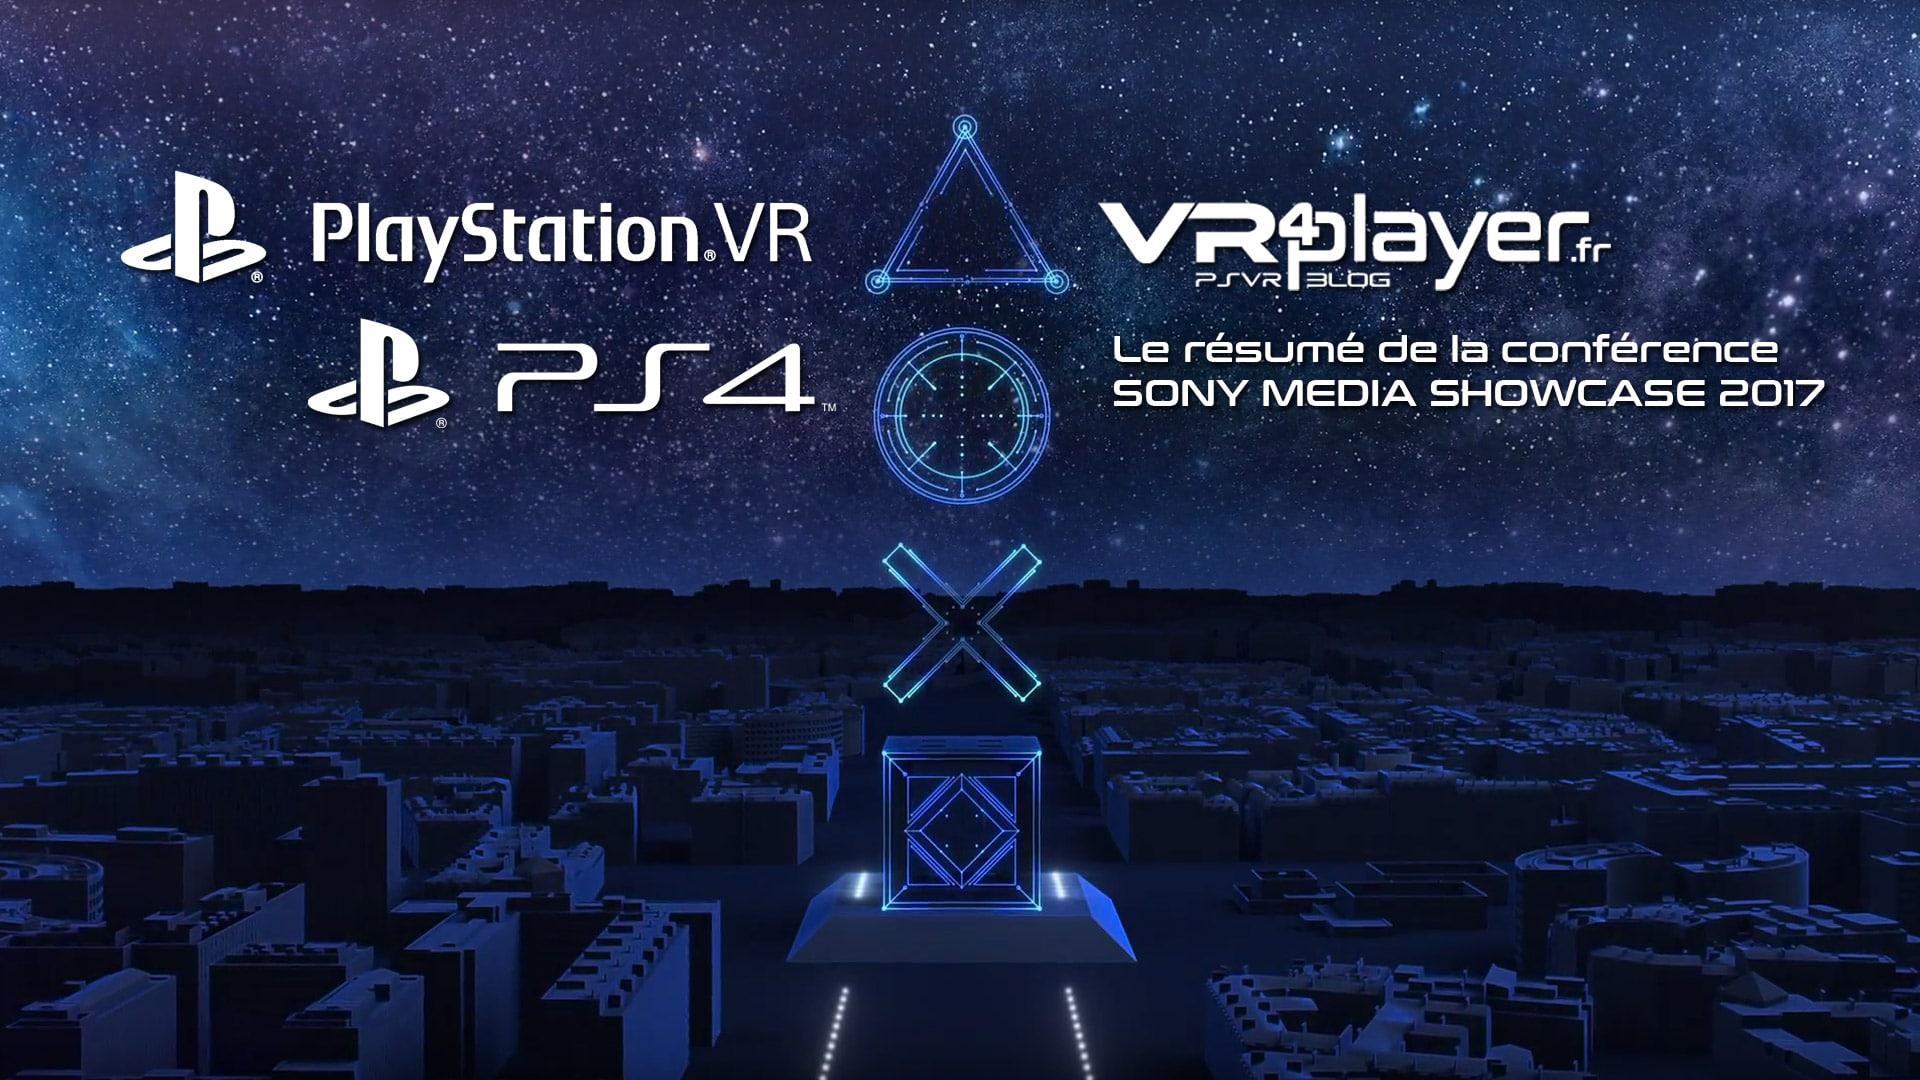 Conférence Sony VR4player